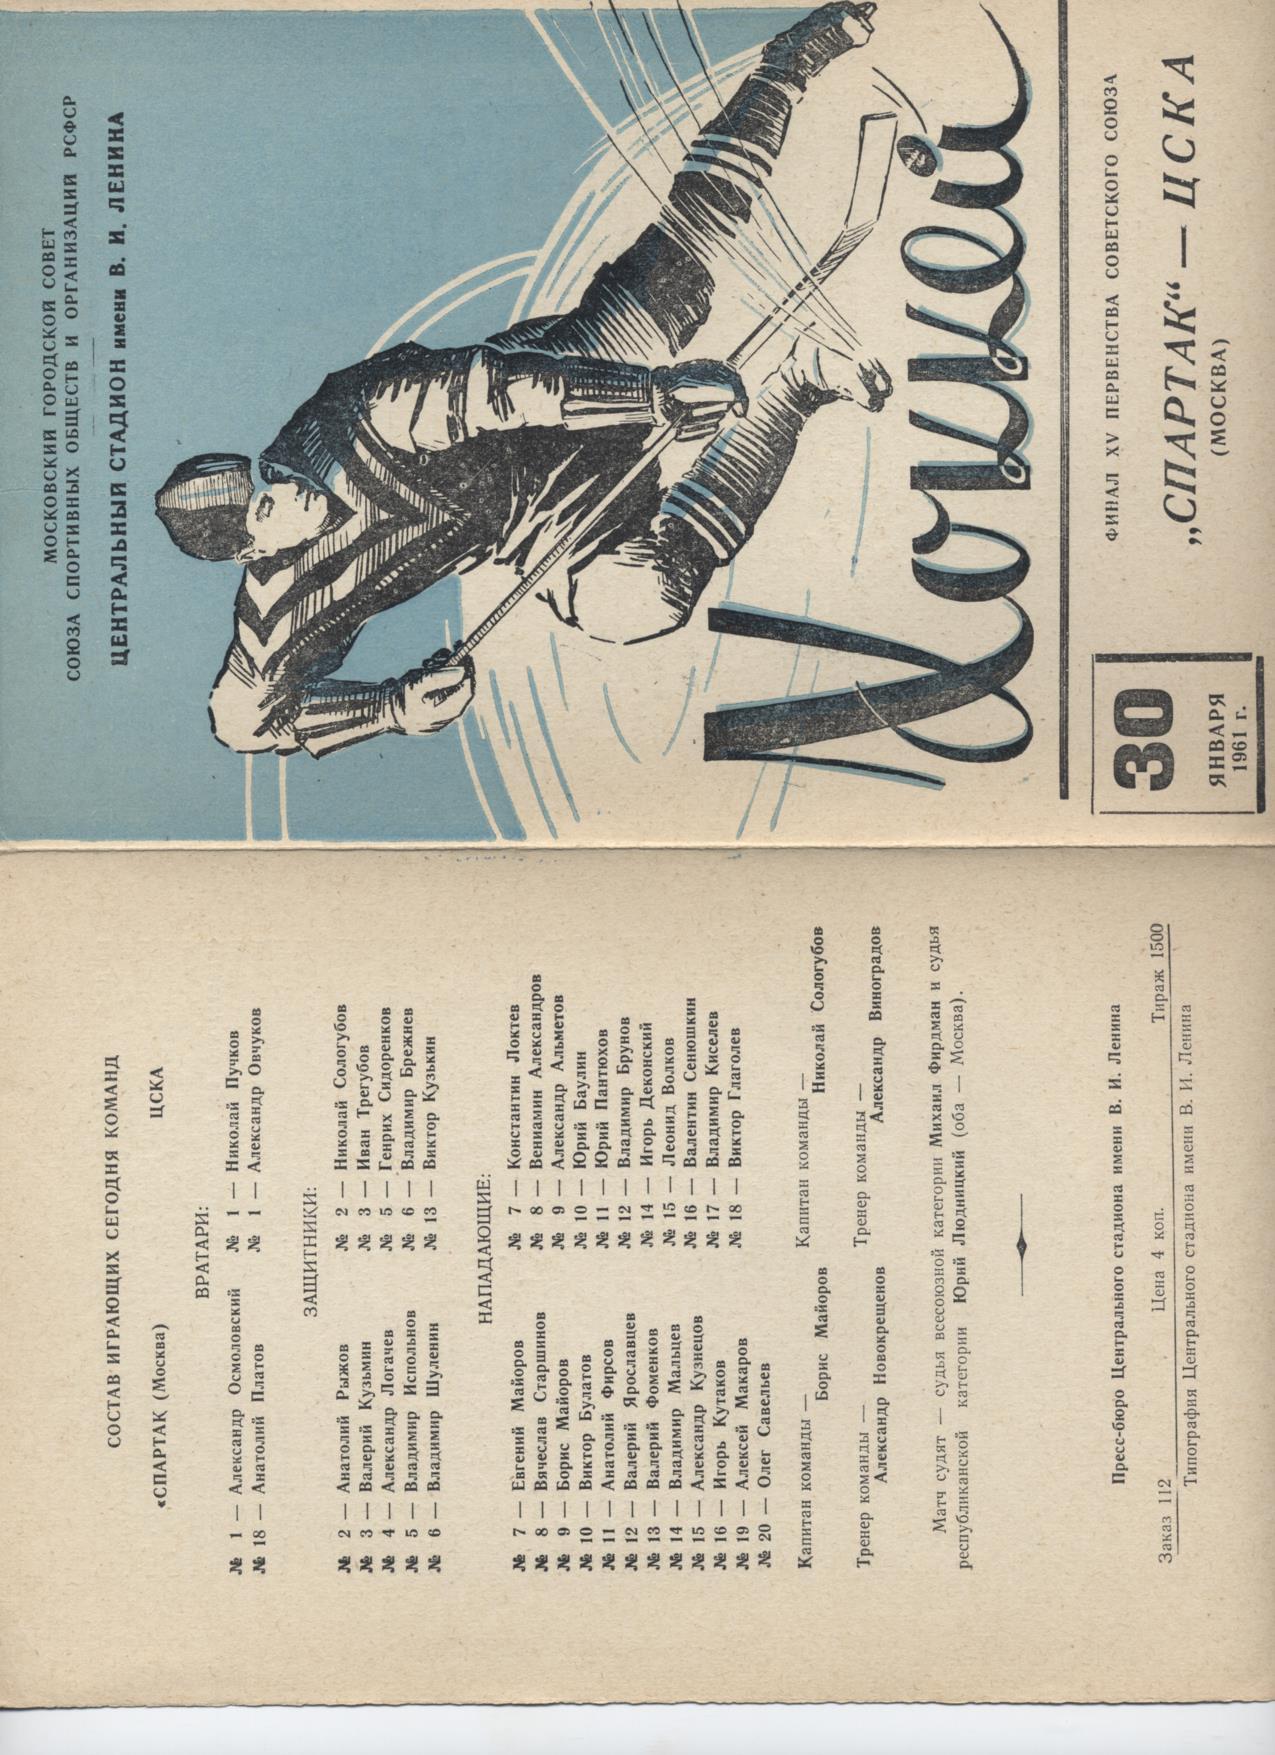 19610130-1.jpg